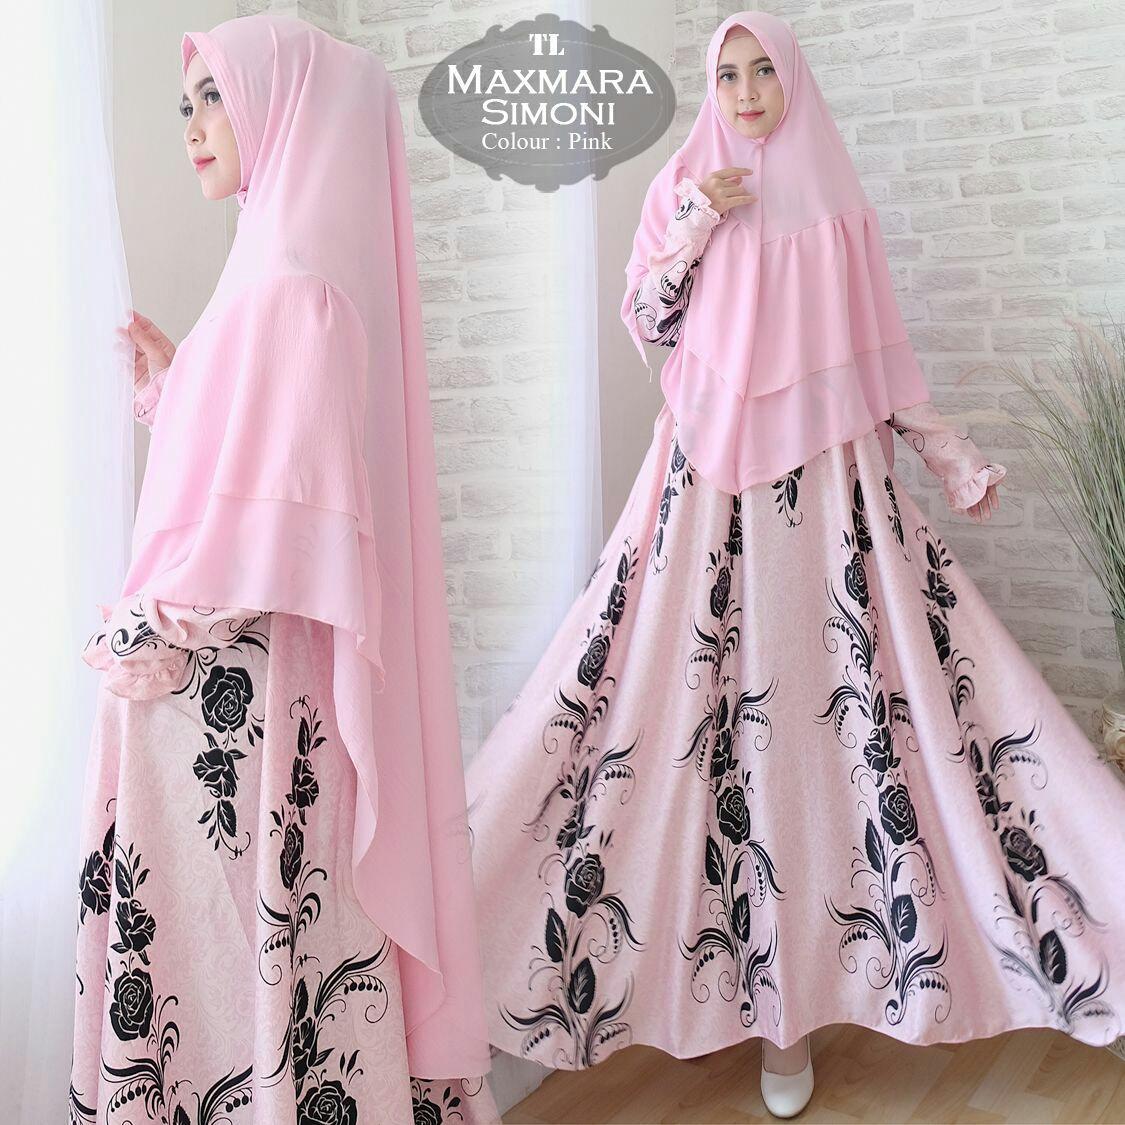 Promo Humaira99 Gamis Syari Jumbo Dress Hijab Muslimah Atasan Lengan Panjang Wanita Maxmara Xxl Di Dki Jakarta